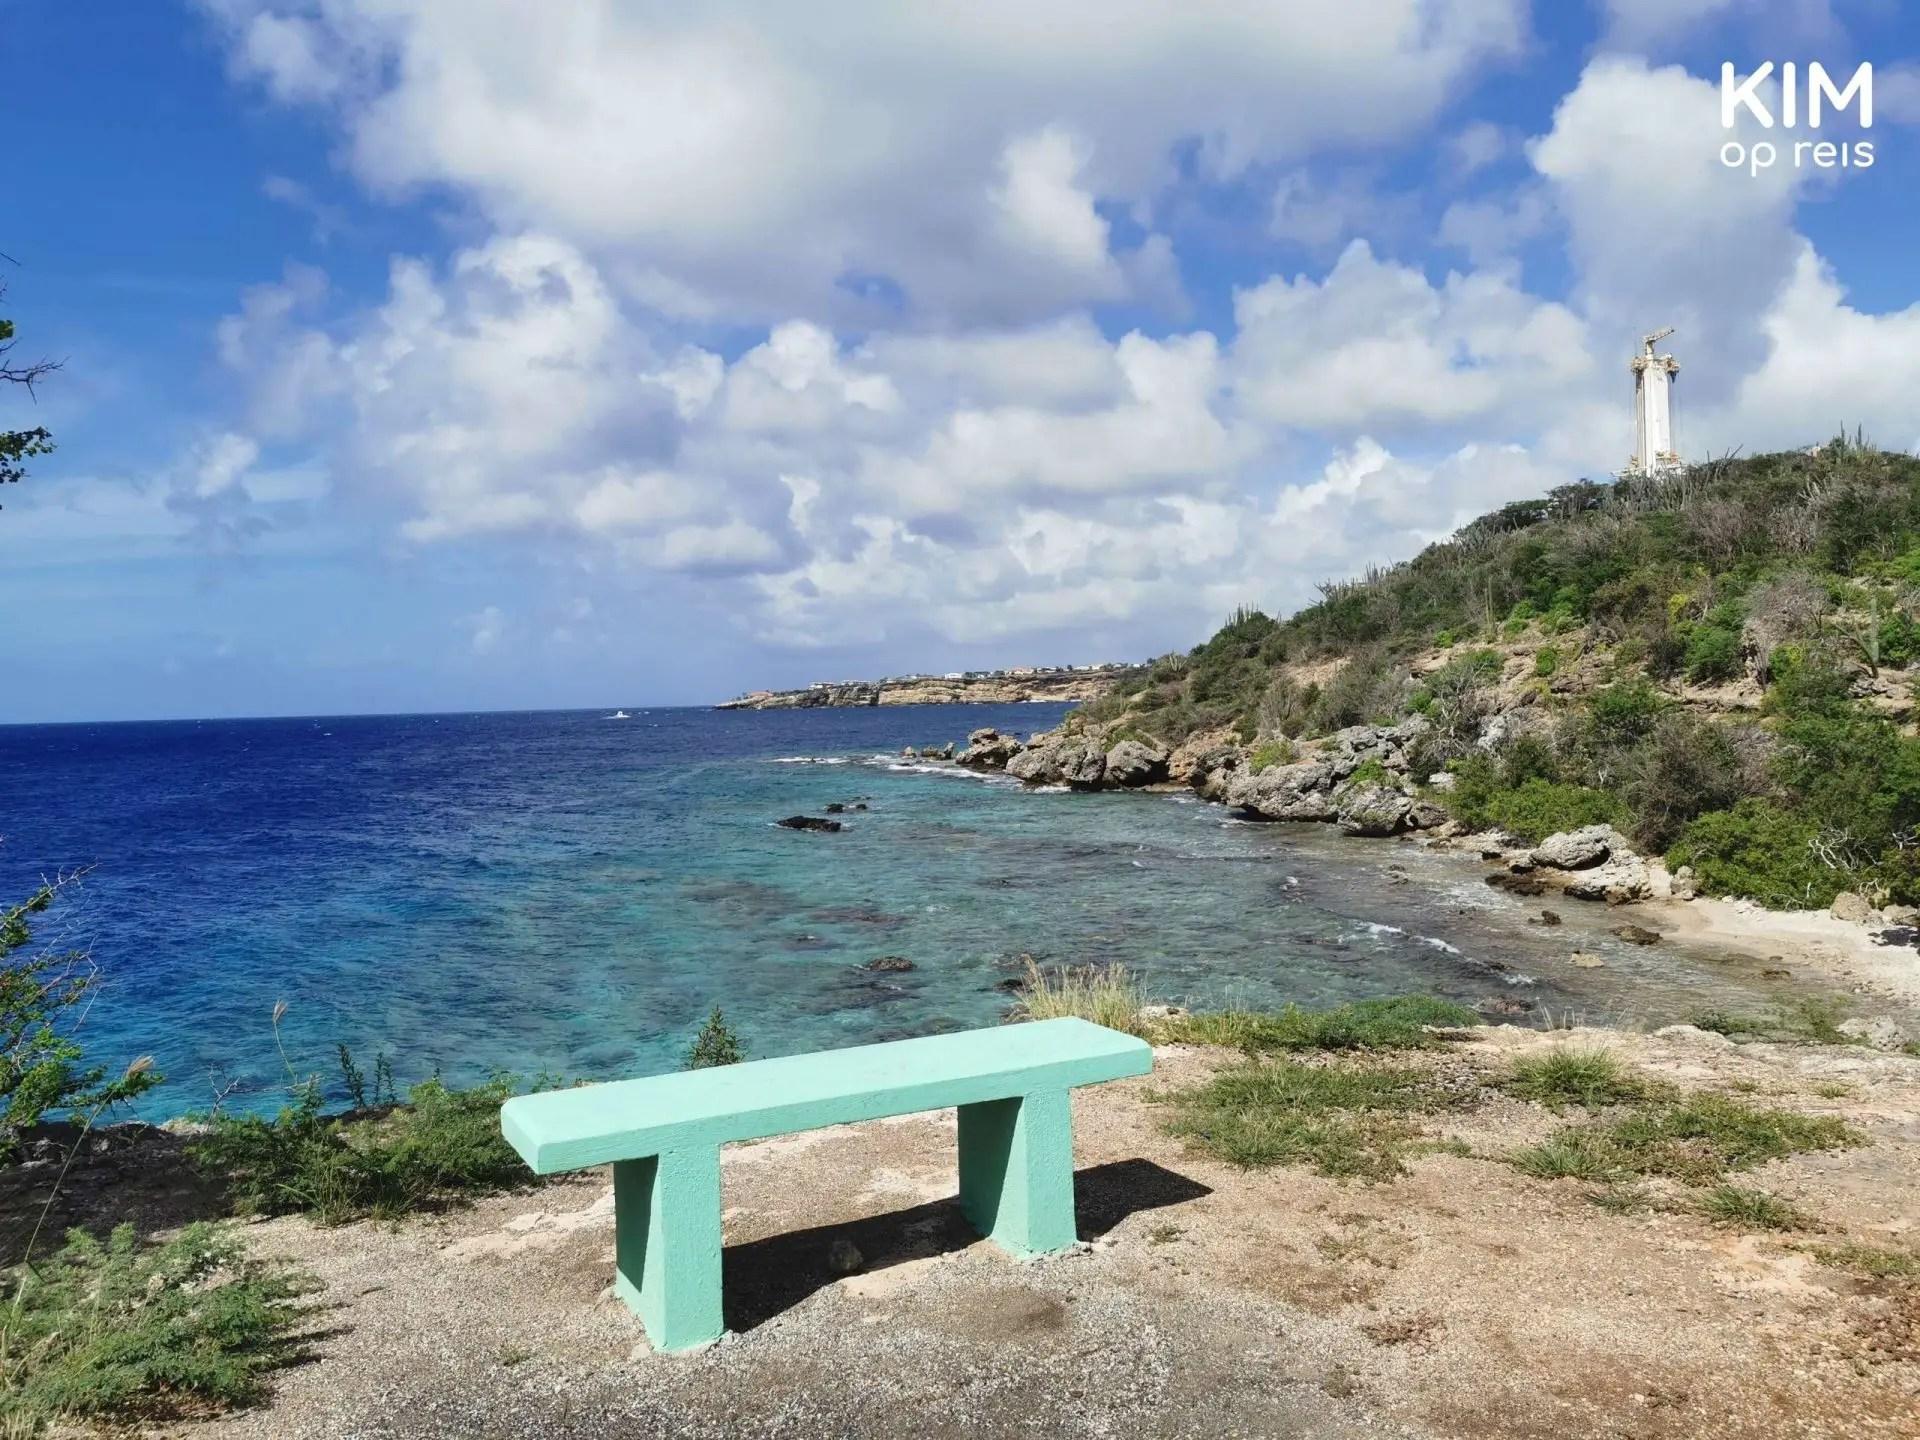 Uitzicht Direkteursbaai Oost Curaçao: mintgroen stenen bankje met uitzicht over het water en het land